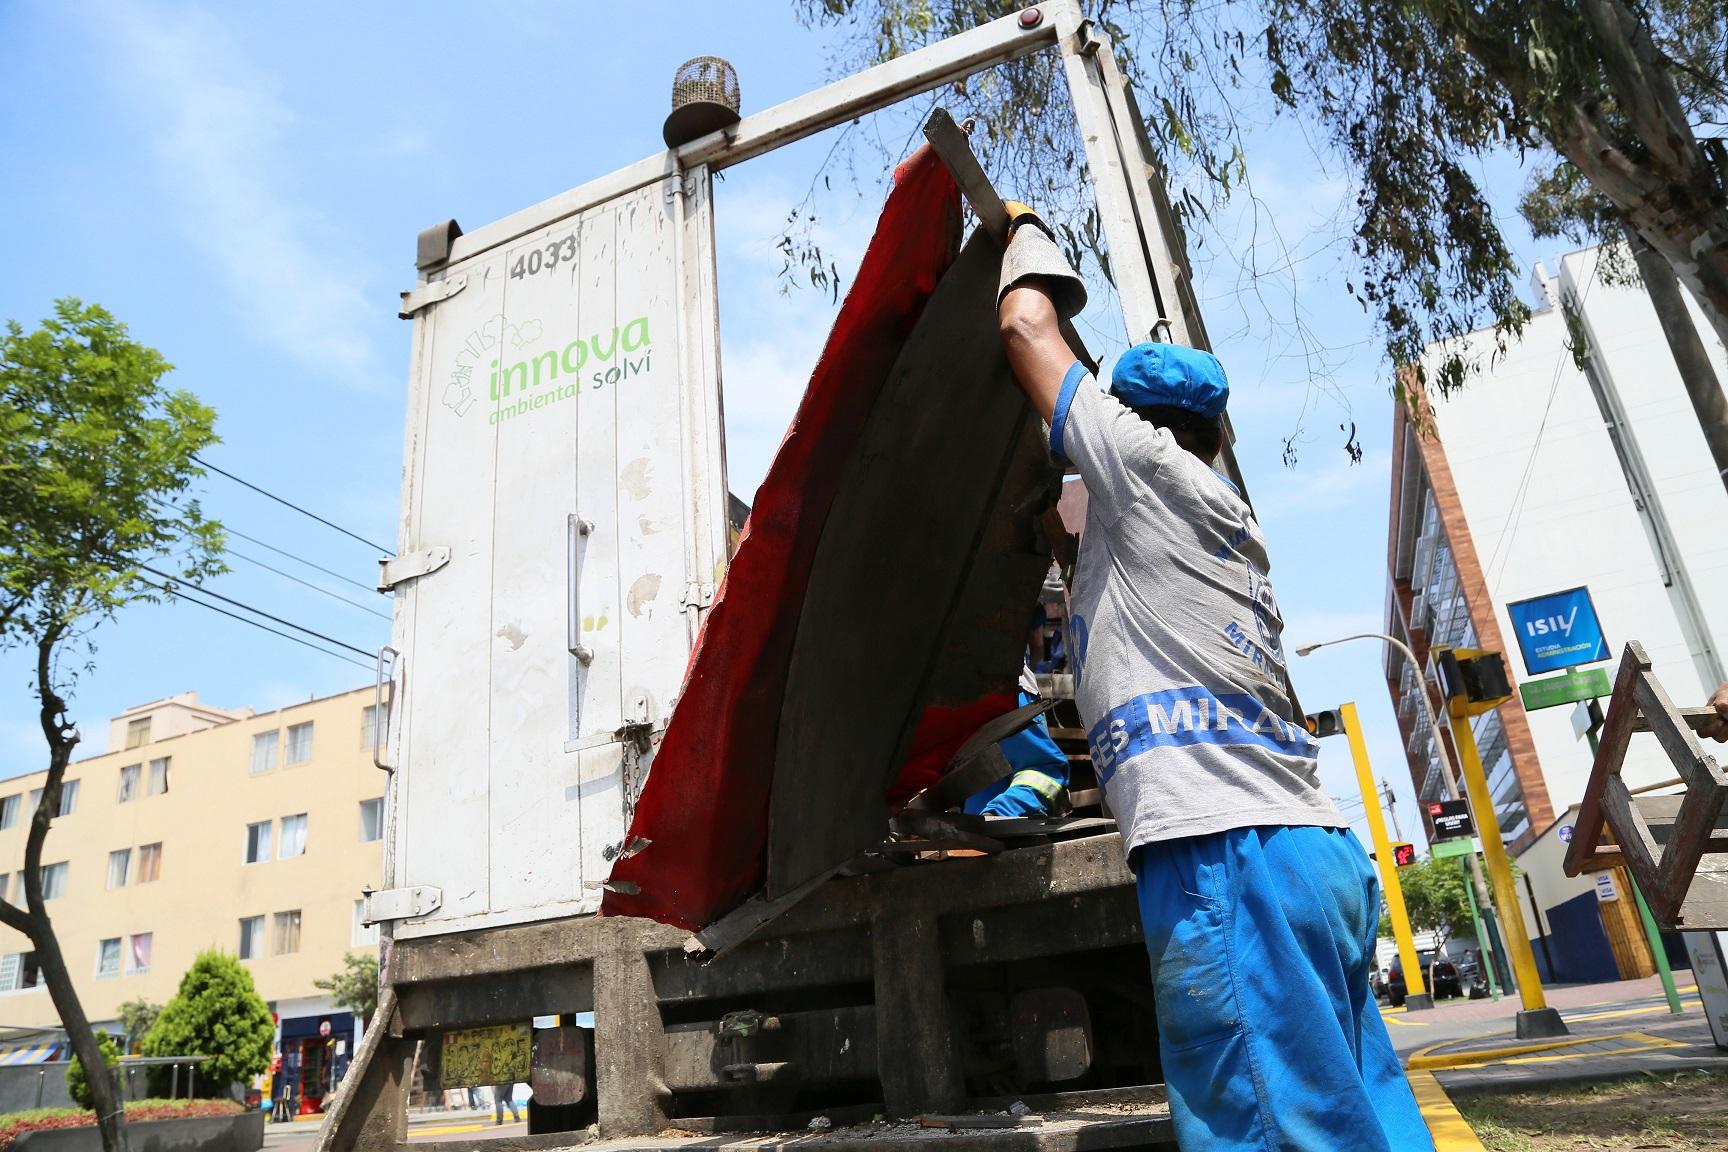 http://www.miraflores.gob.pe/Gestorw3b/files/img/9376-19931-40-trabajadores-ejecutan-esta-labor-de-limpieza.jpg